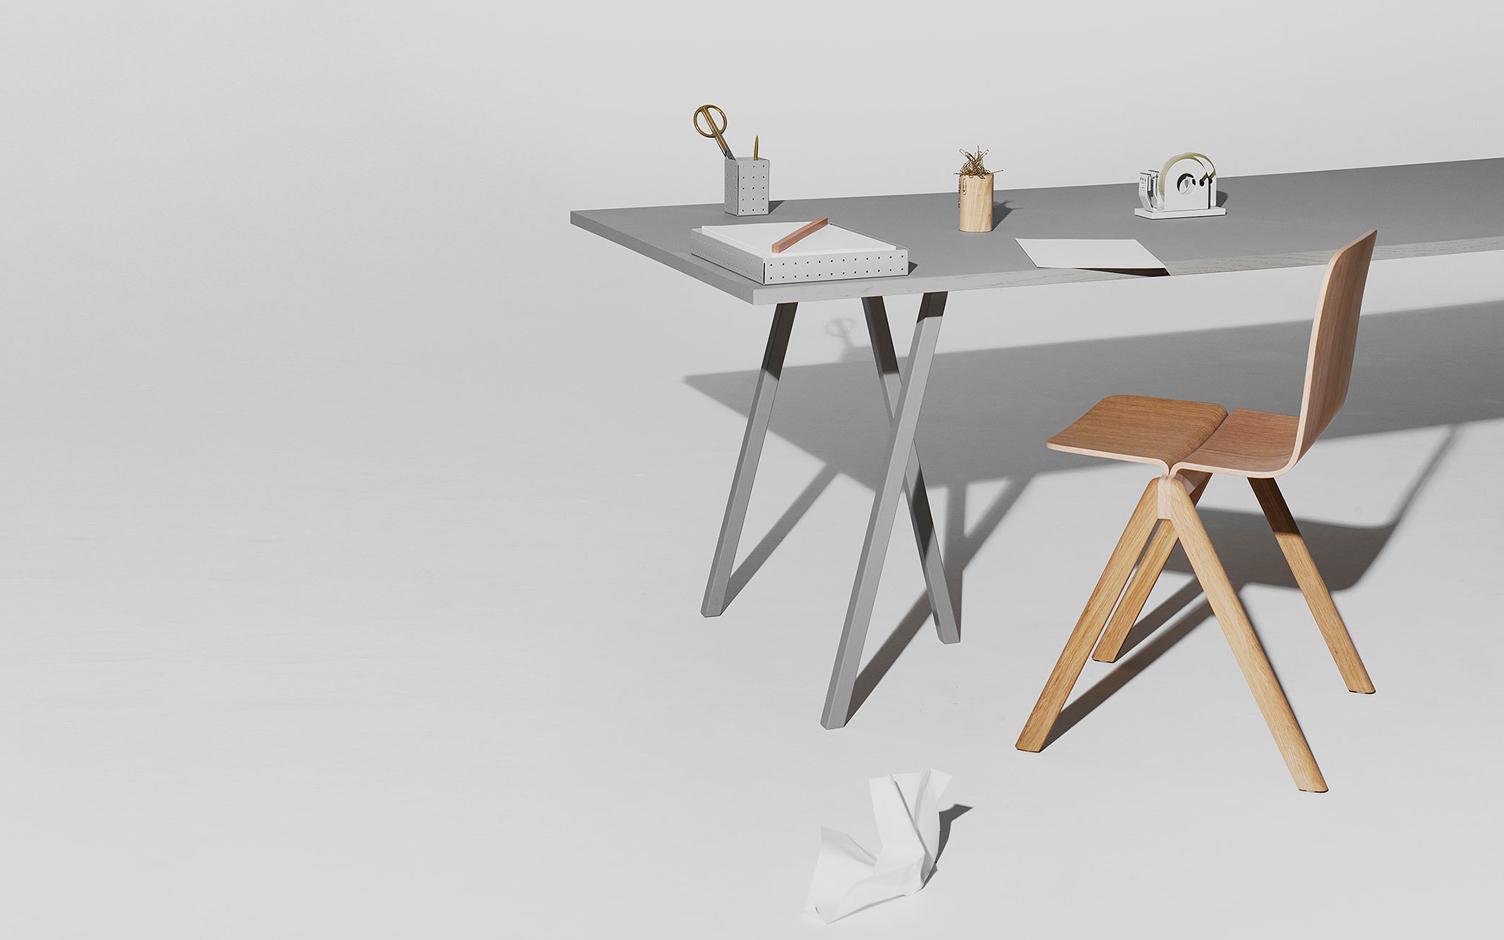 Office Tables & Desks catalogue image